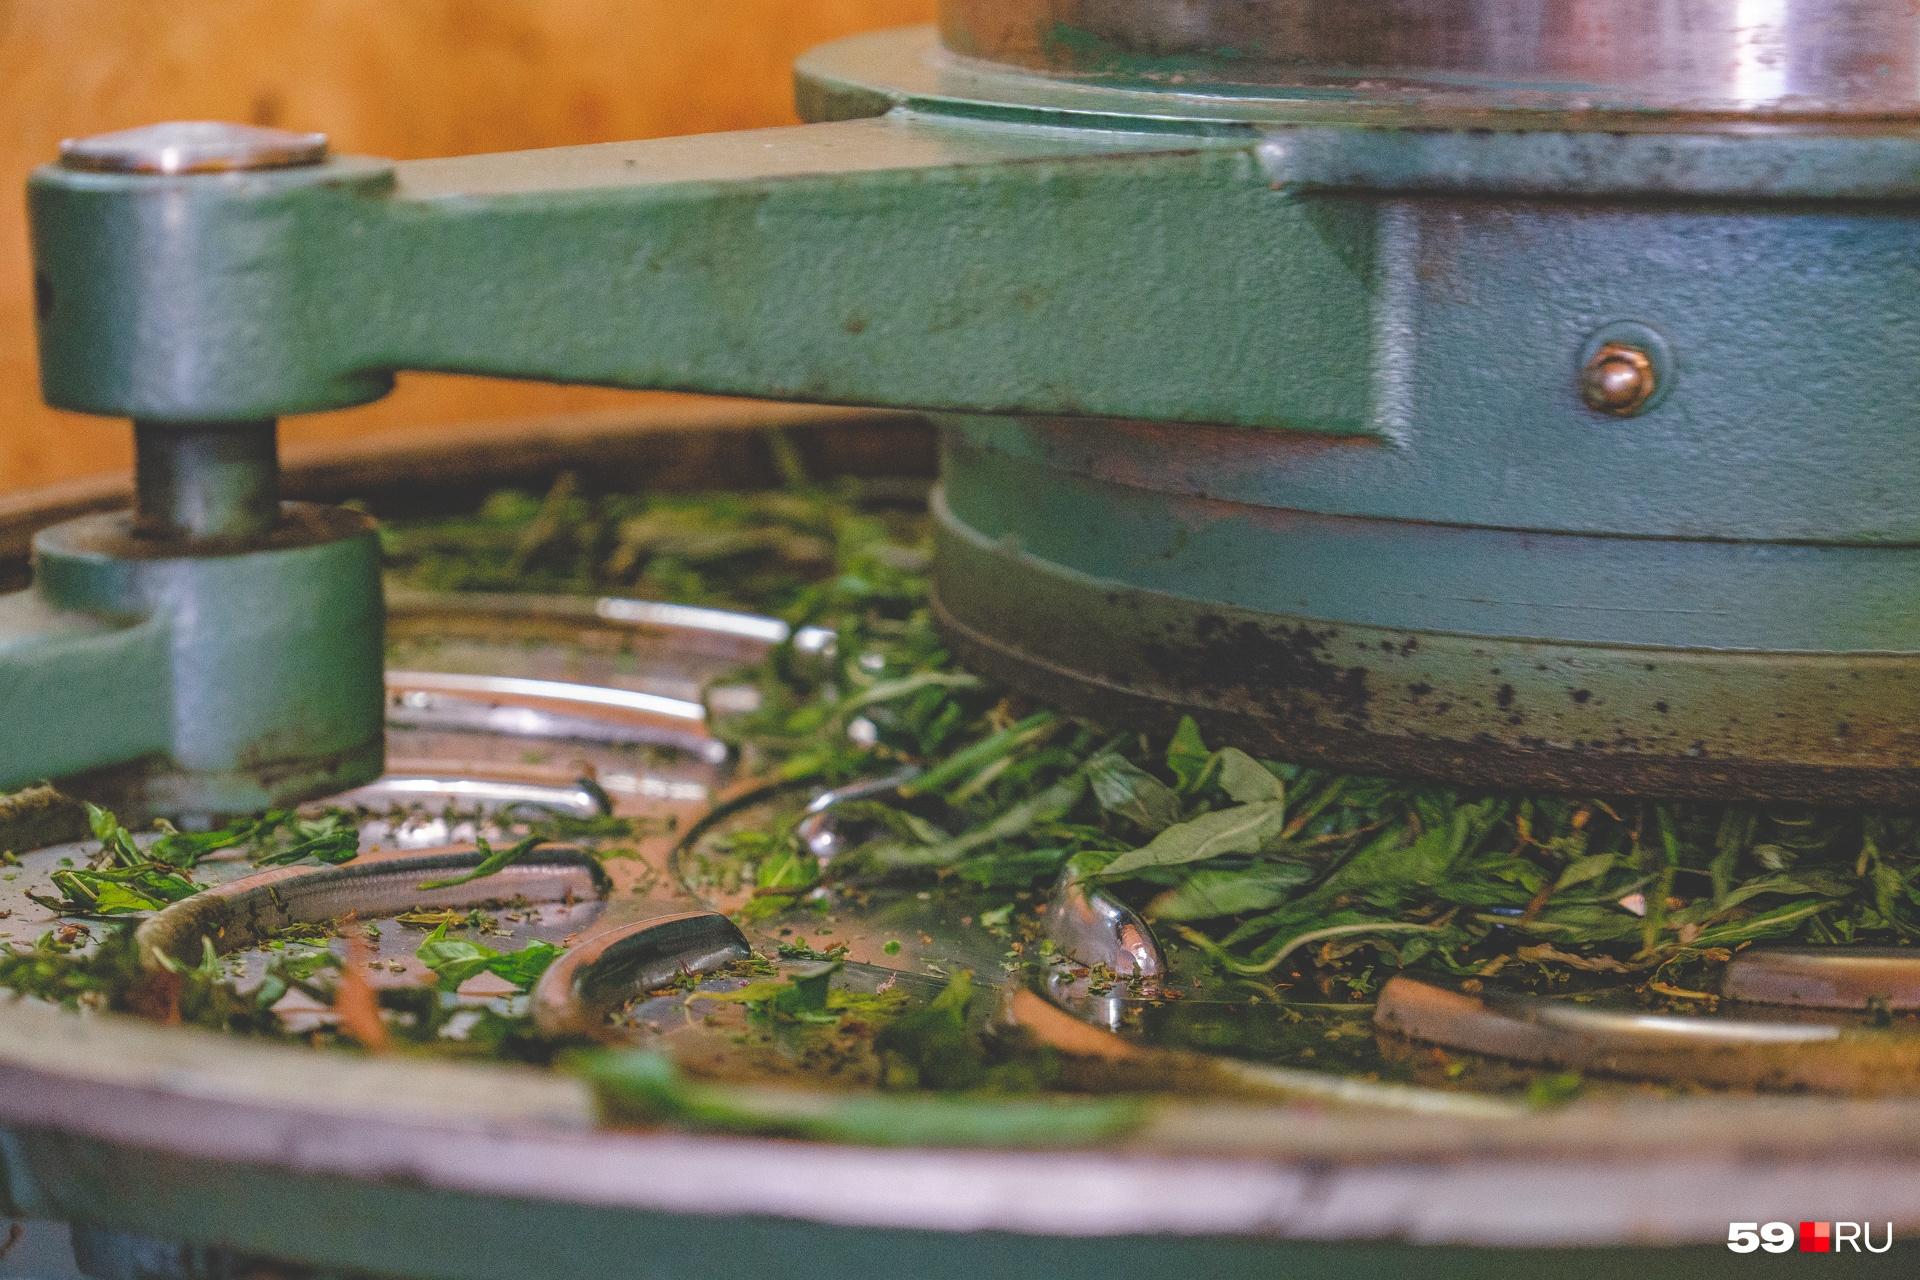 Автомат аккуратно скручивает зелень